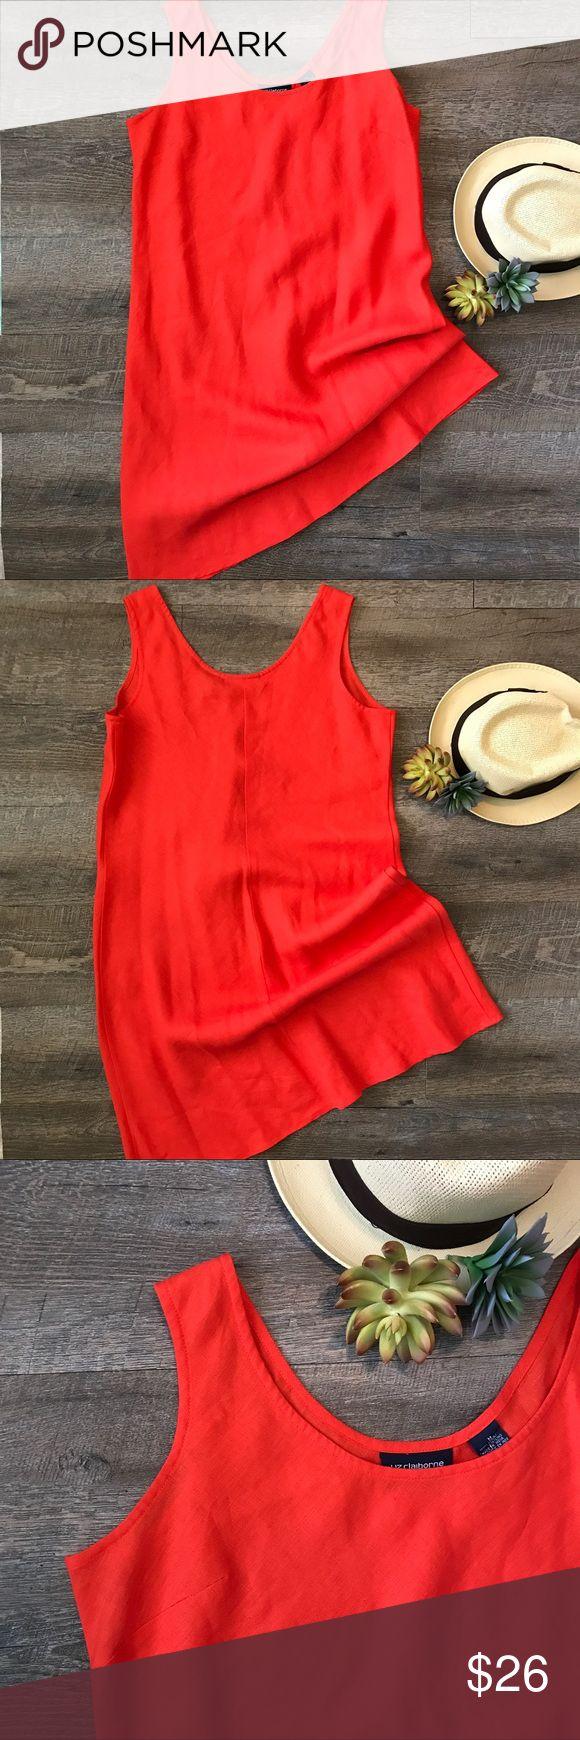 Red Liz Claiborne Dress size M Great light weight linen dress by Liz Claiborne! 100% linen. In excellent condition. Size M. See images for measurements. Liz Claiborne Dresses